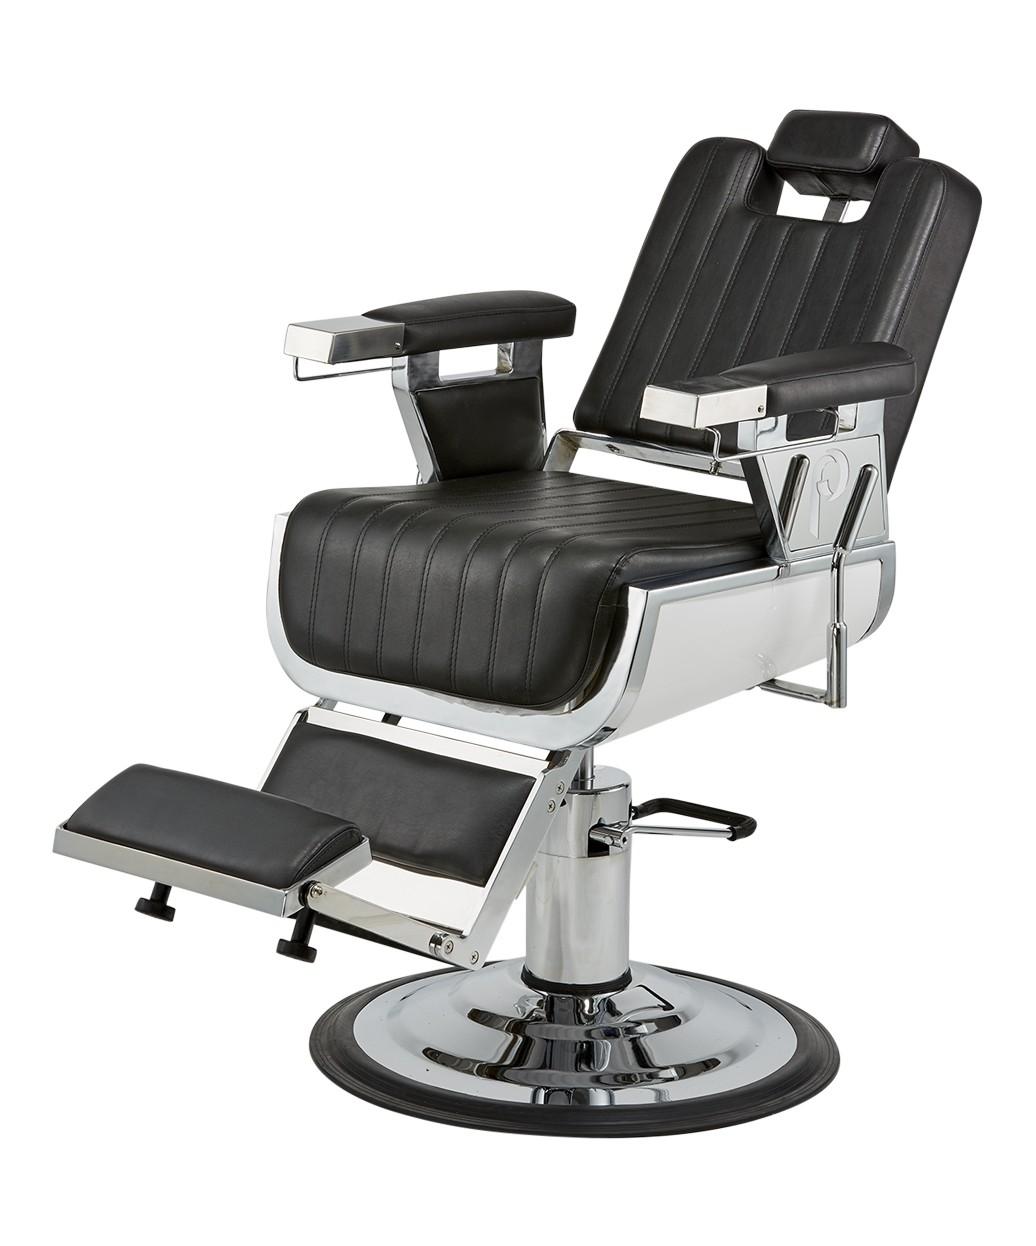 Pibbs 661 Seville Barber Chair